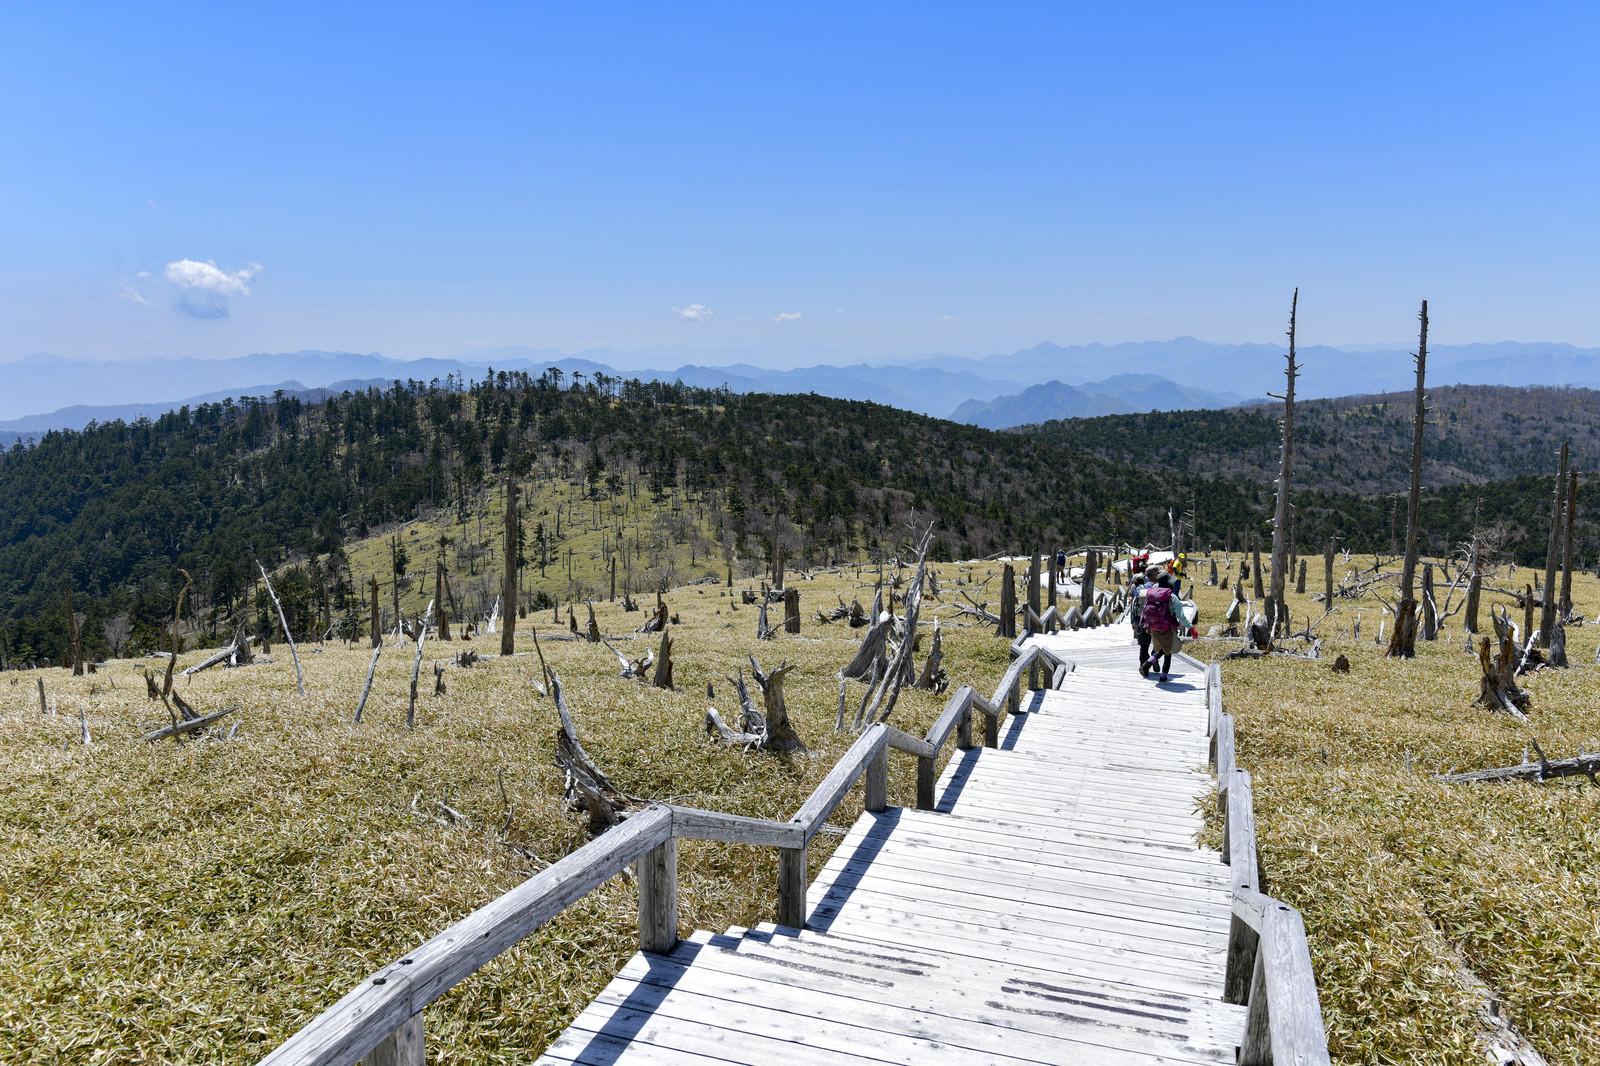 「立ち枯れの木々と散策する登山者(大台ヶ原山頂周辺)」の写真